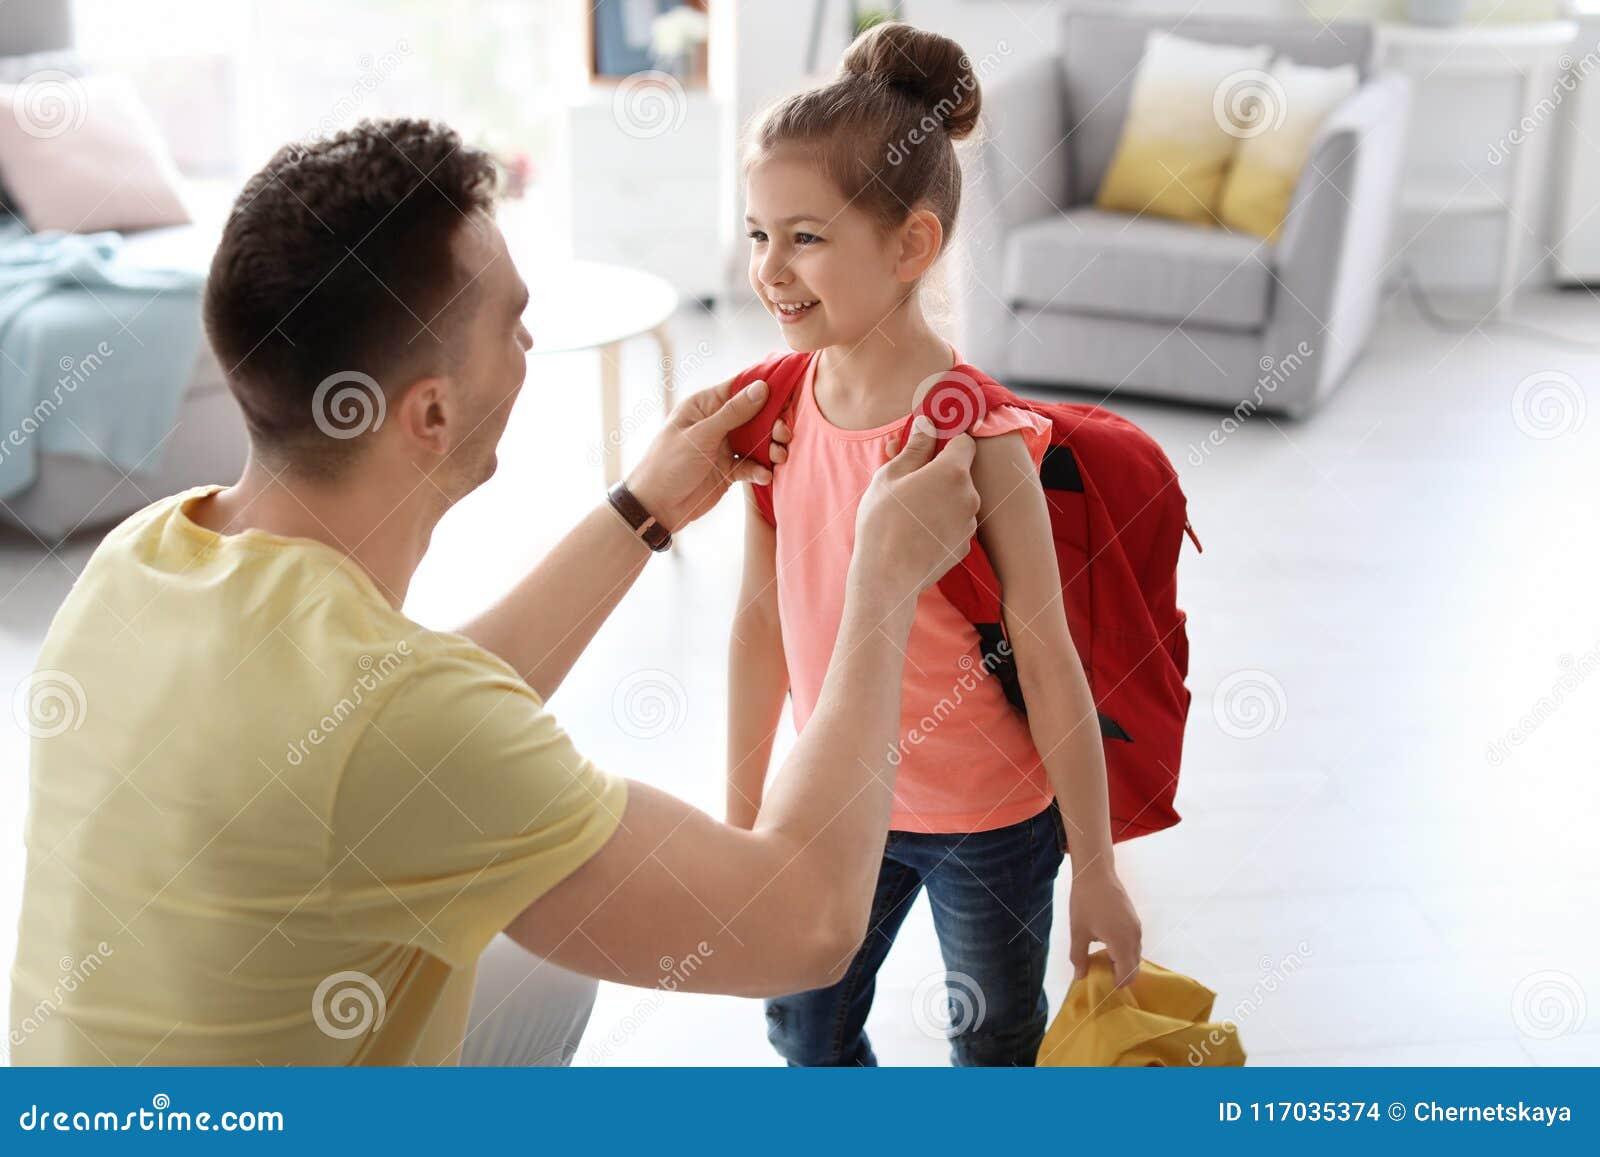 Νεαρός άνδρας που βοηθά το μικρό παιδί του να πάρει έτοιμο για το σχολείο